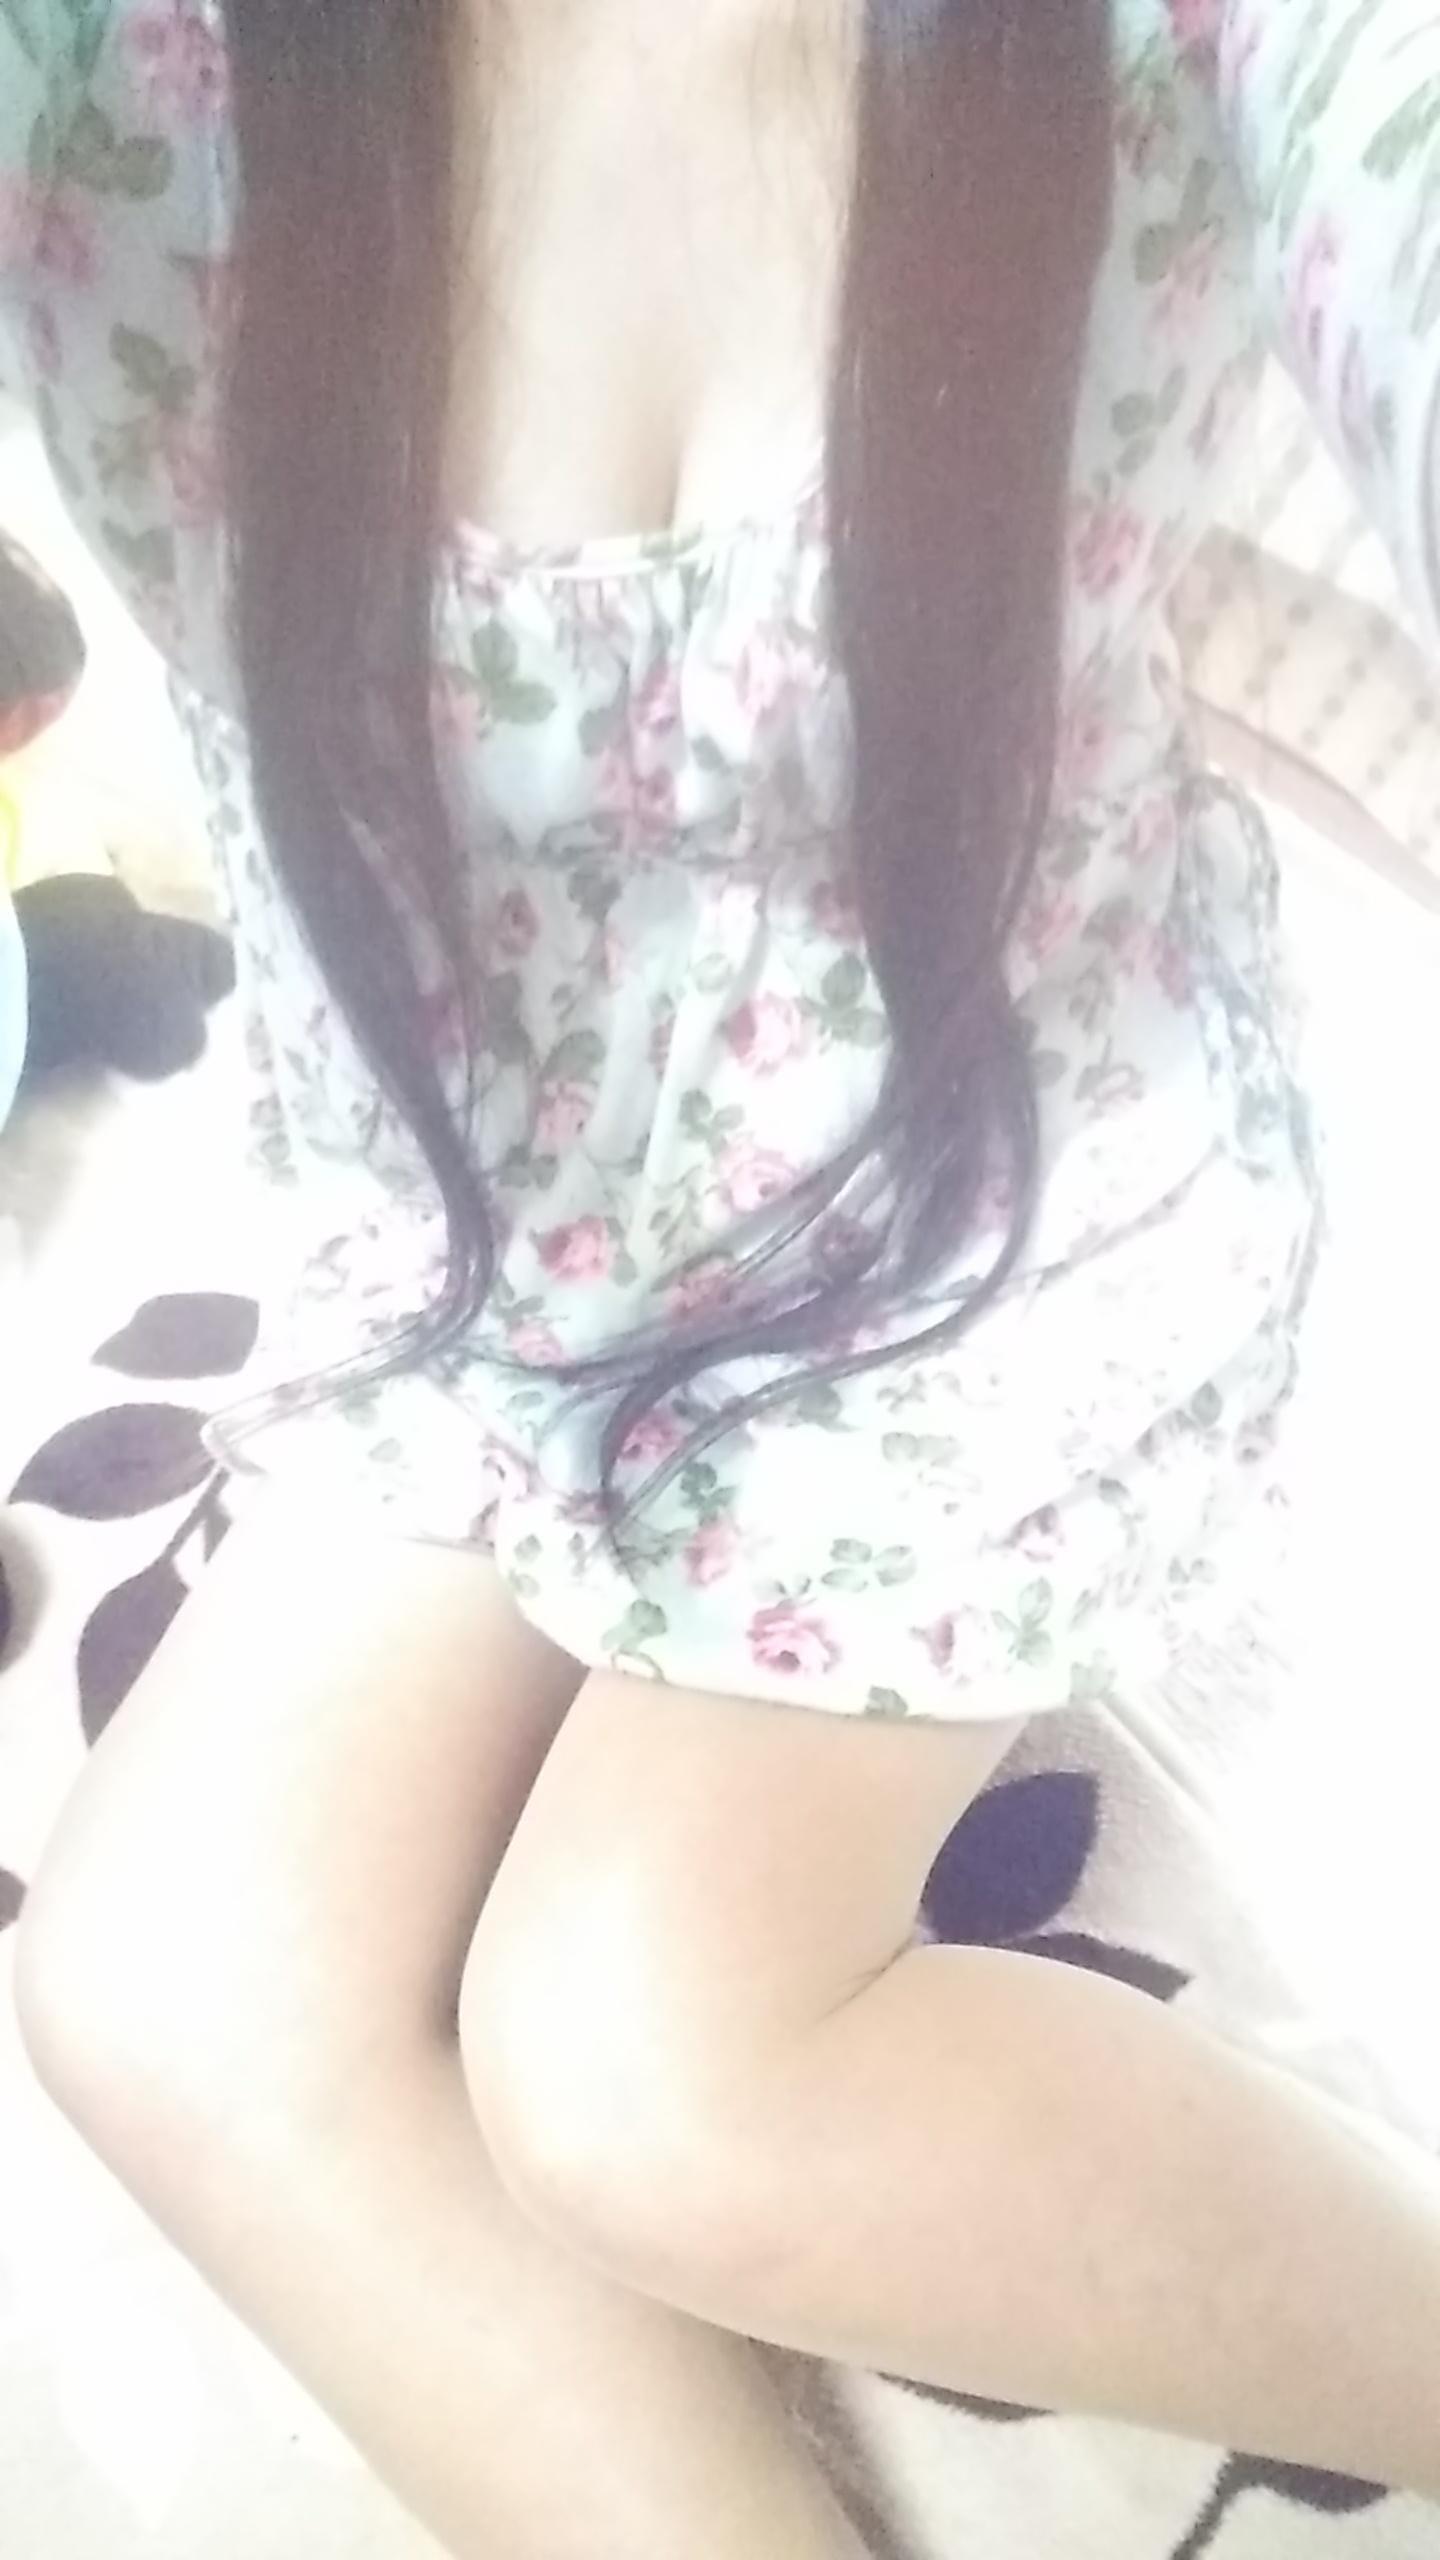 「お逢いしたY様(o^^o)♪?」07/04(土) 00:32 | 花沢寧々の写メ・風俗動画